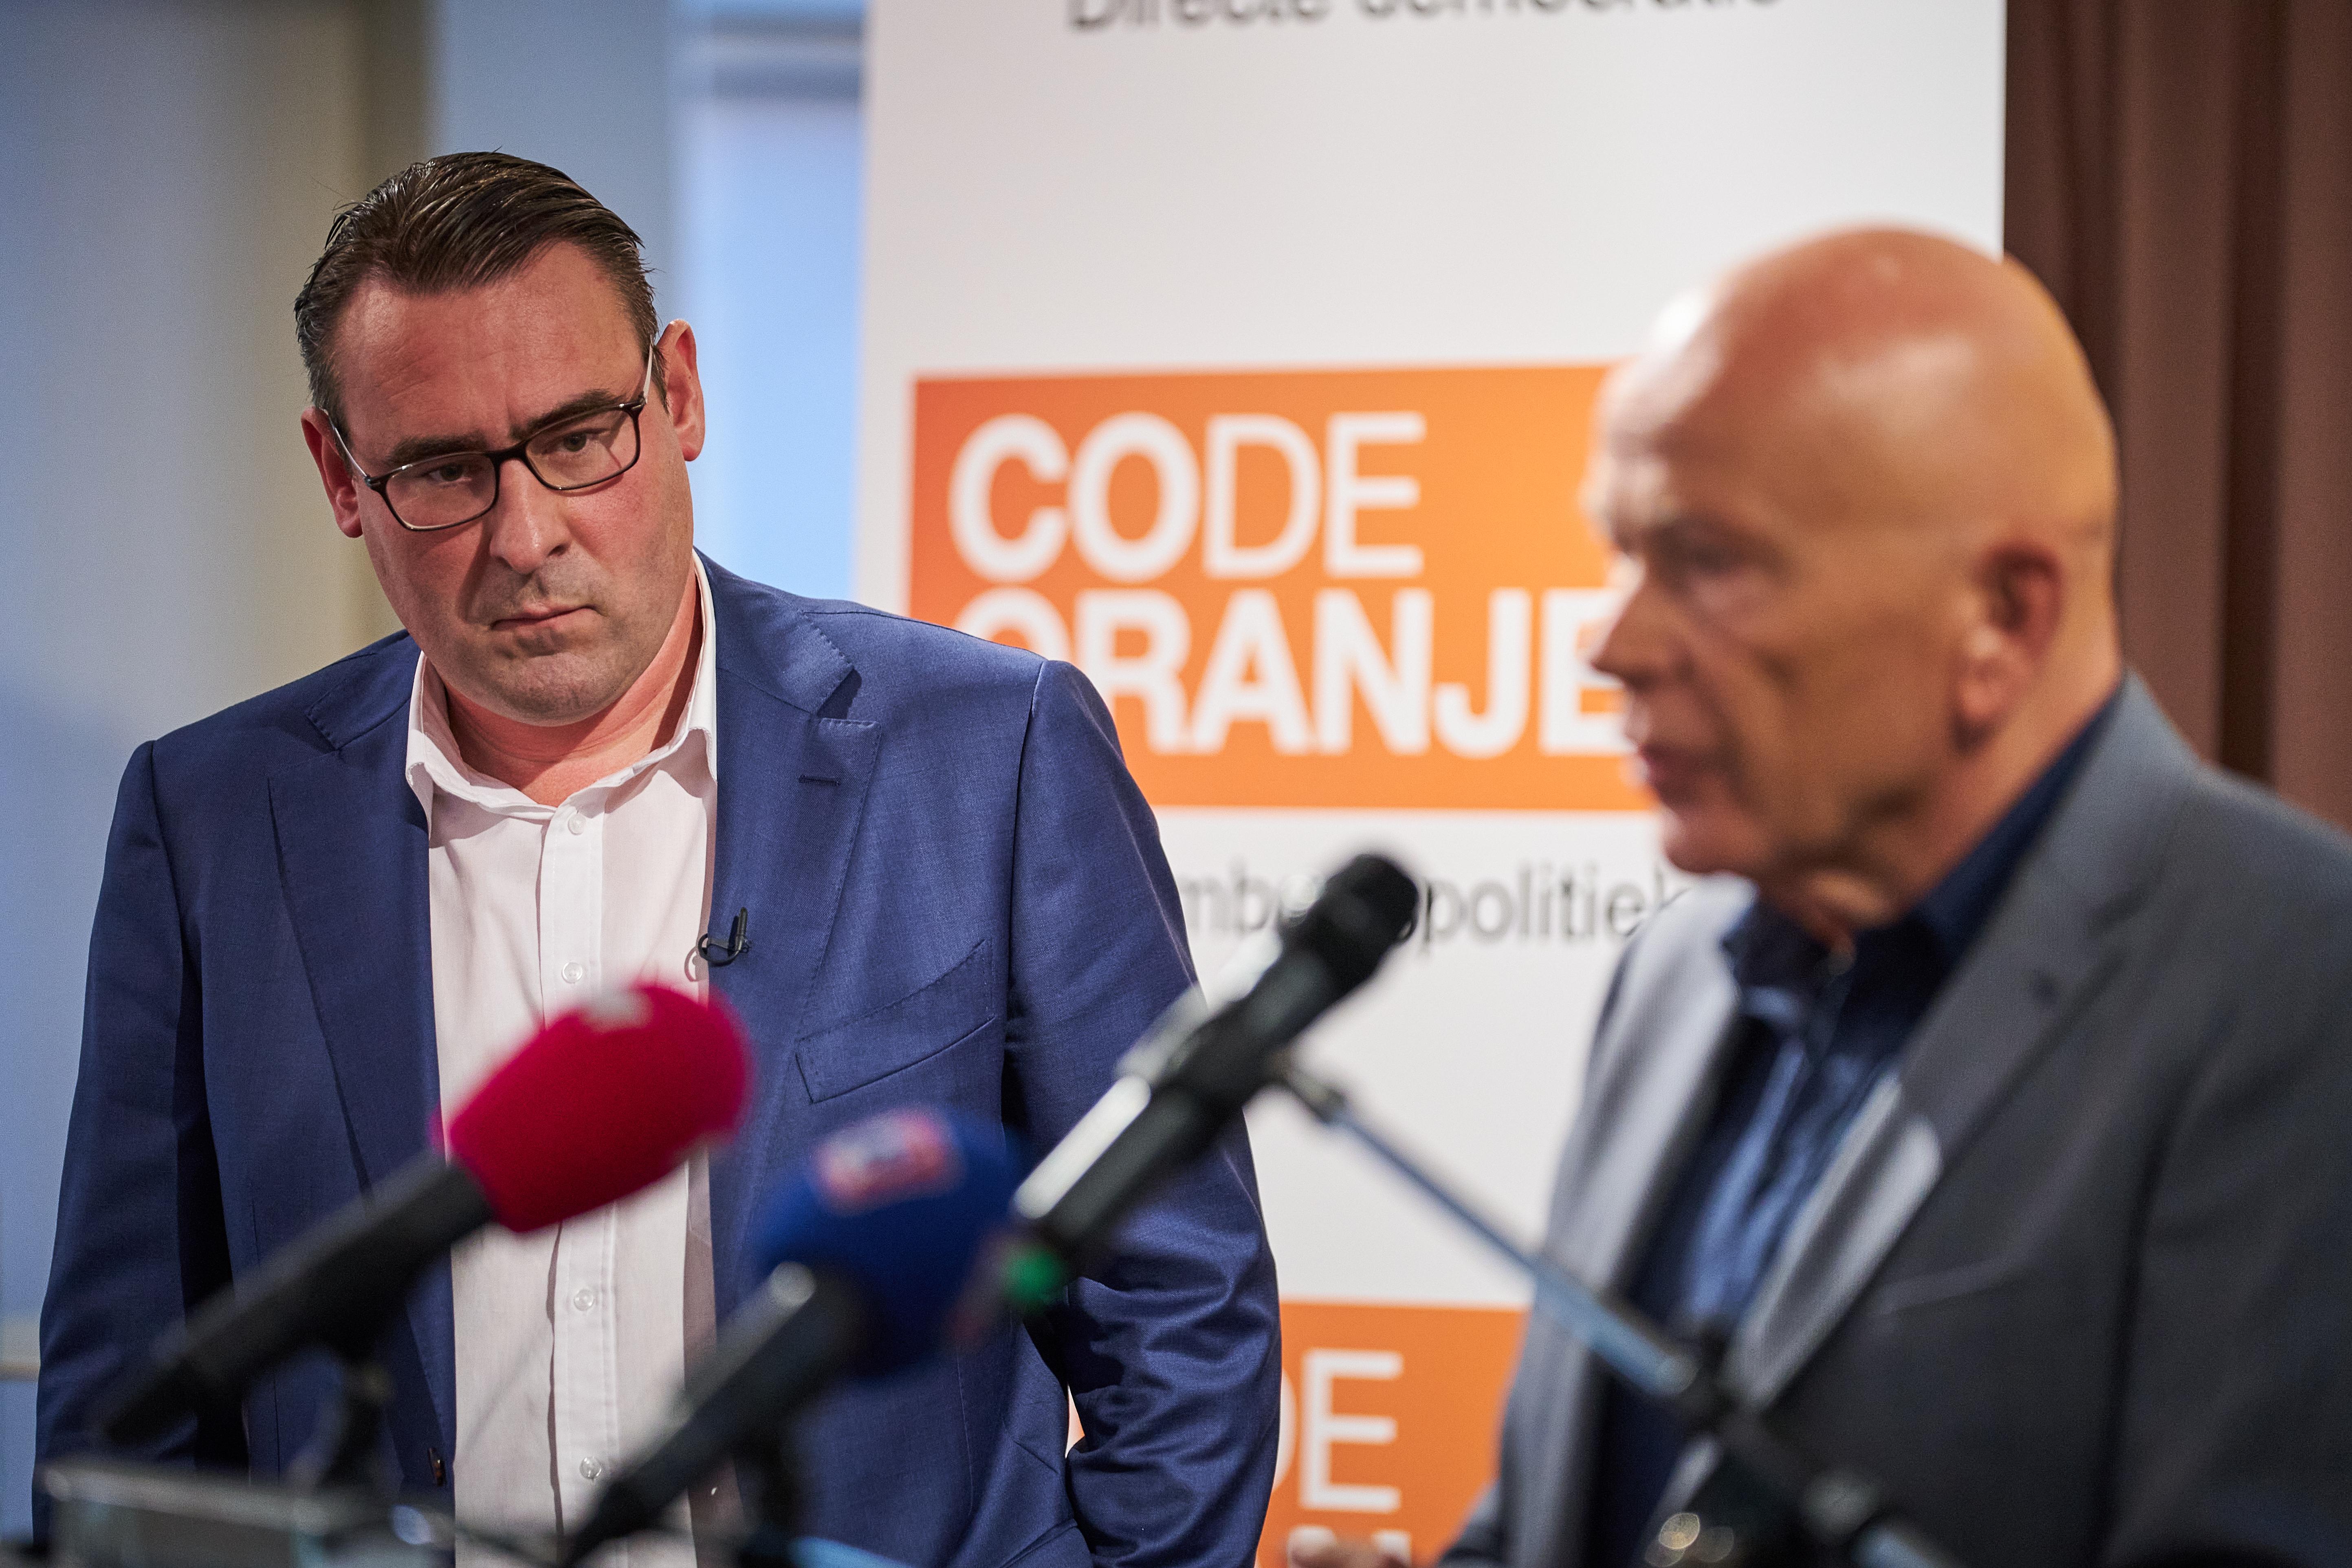 De Mos wil Code Oranje grootste partij van Nederland maken, al noemt hij dat zelf 'Haagse bluf'